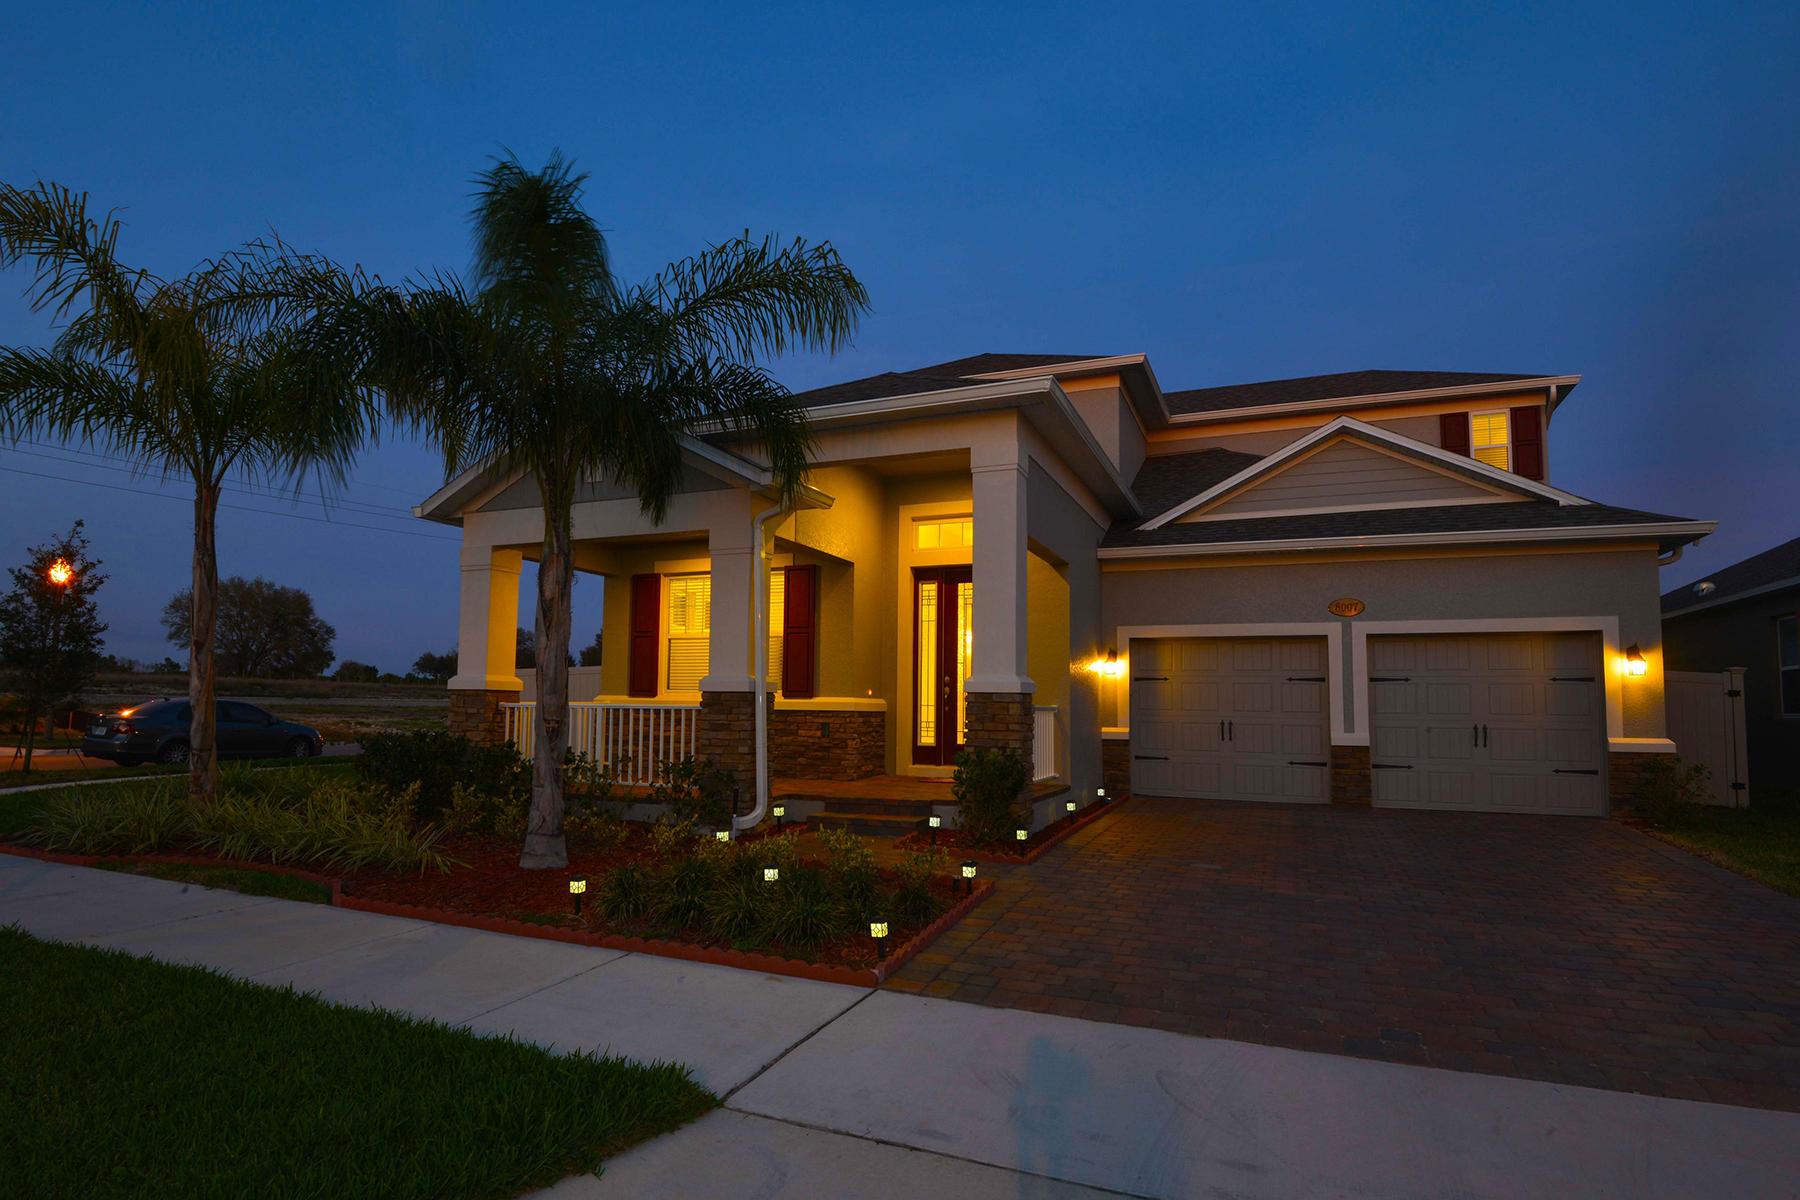 一戸建て のために 売買 アット WINTER GARDEN 8007 Navel Orange Ln Winter Garden, フロリダ, 34787 アメリカ合衆国